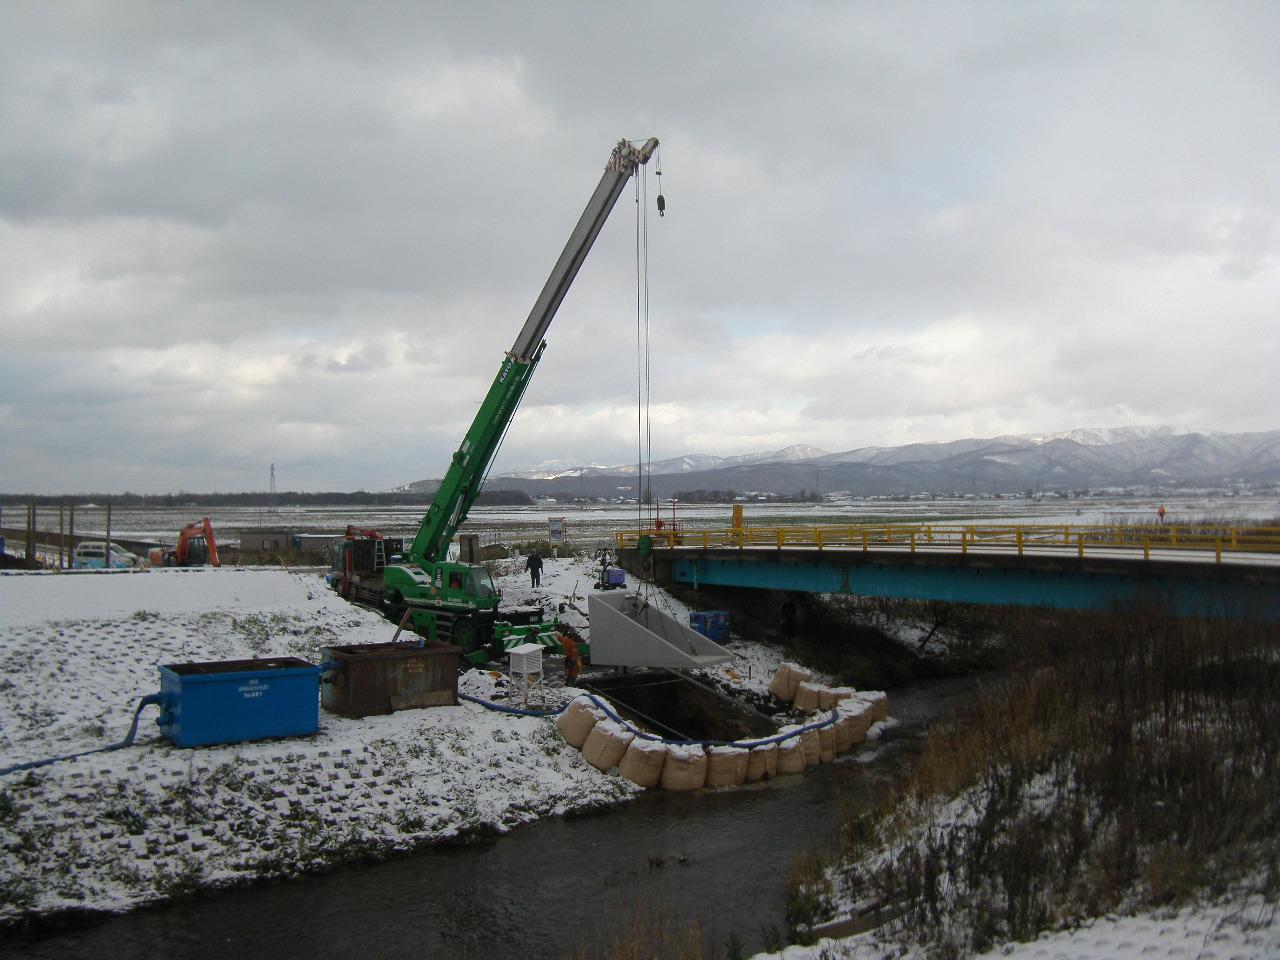 一般国道276号 共和町 梨野舞納排水工事(小樽開発建設部)